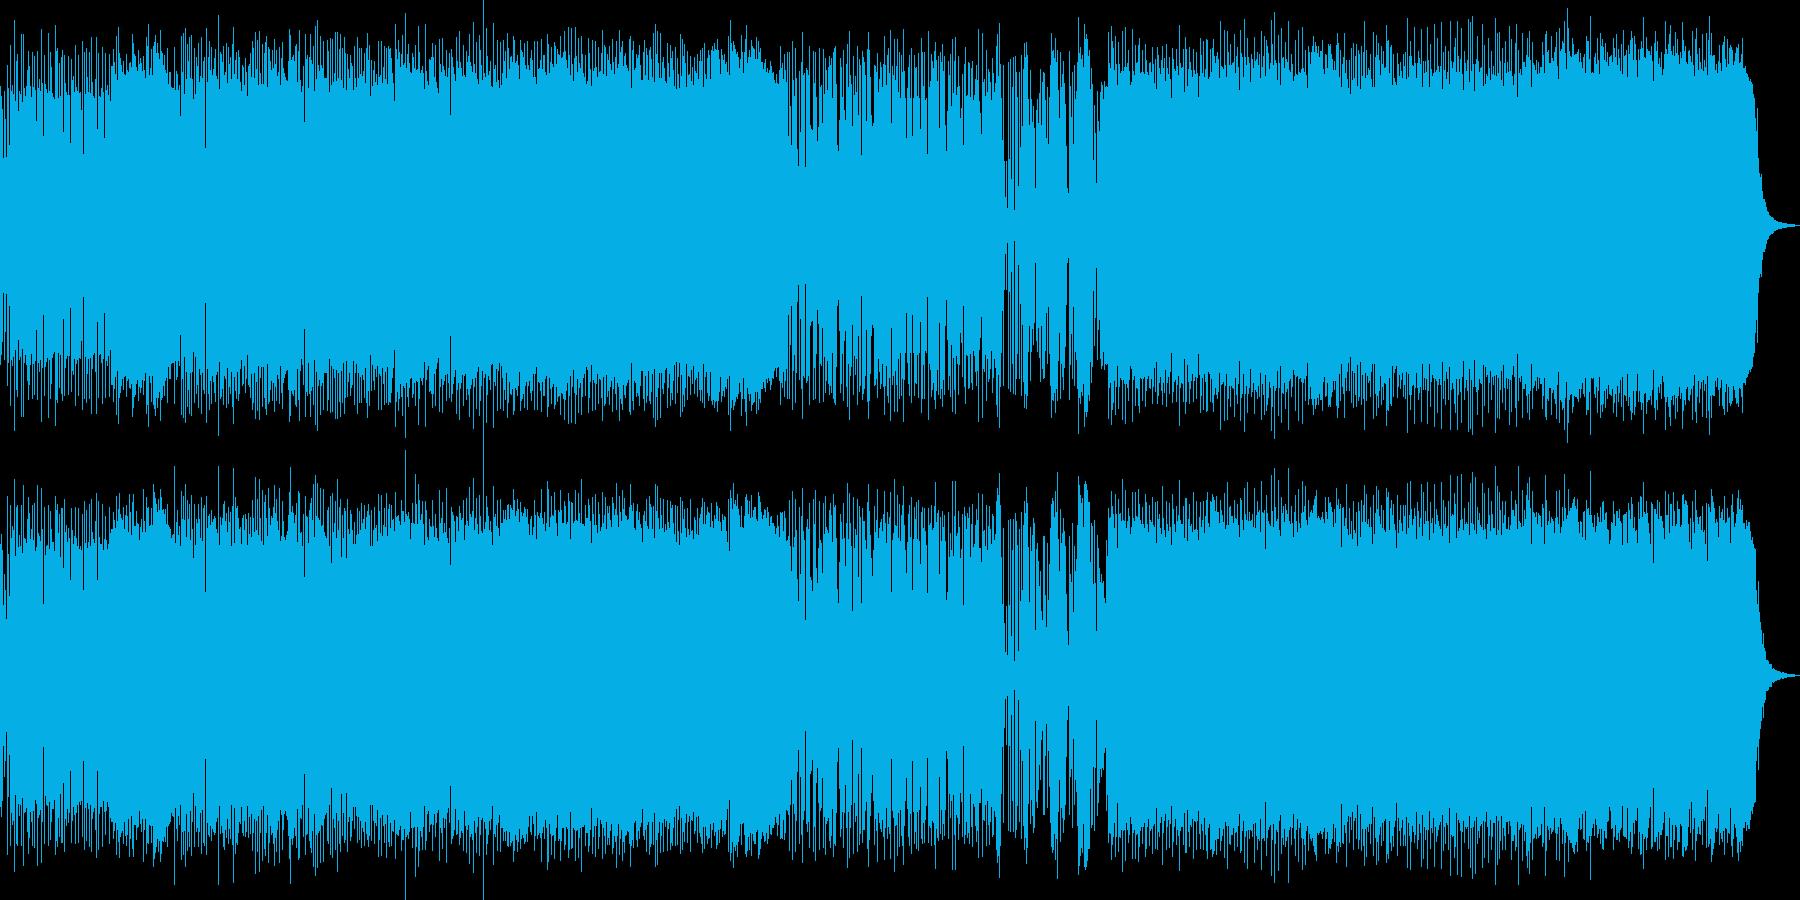 歌謡テイストの男前ロックの再生済みの波形